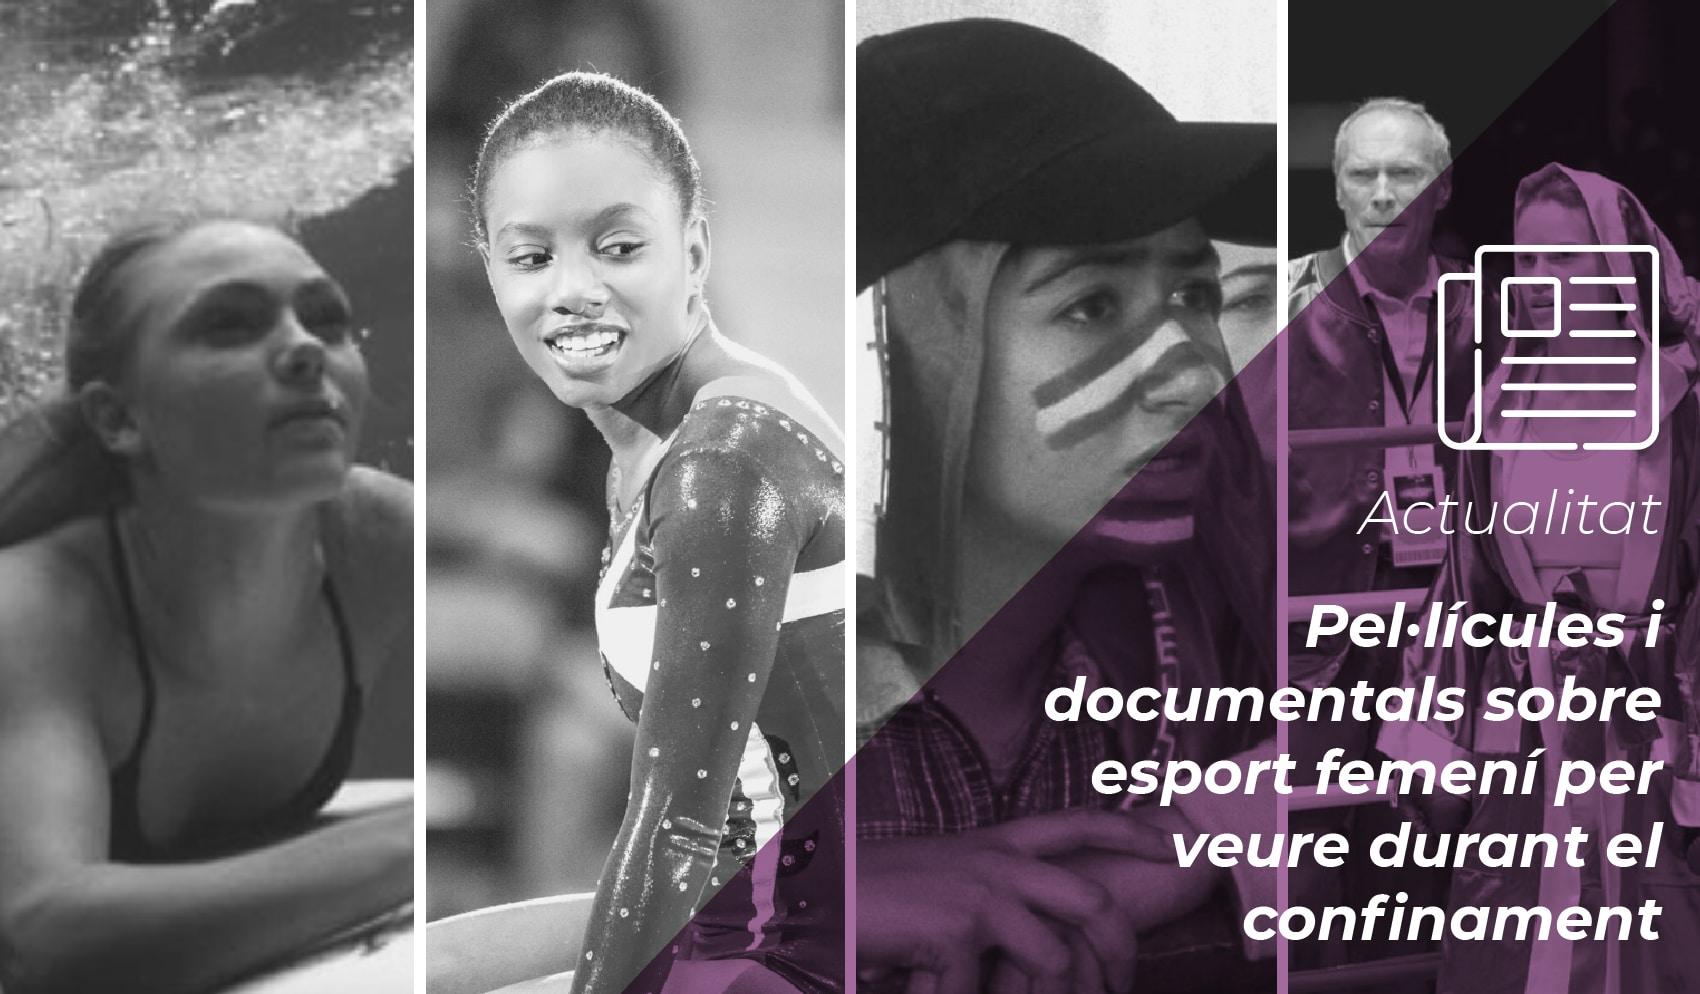 Pel·lícules i documentals sobre esport femení per veure durant el confinament 2